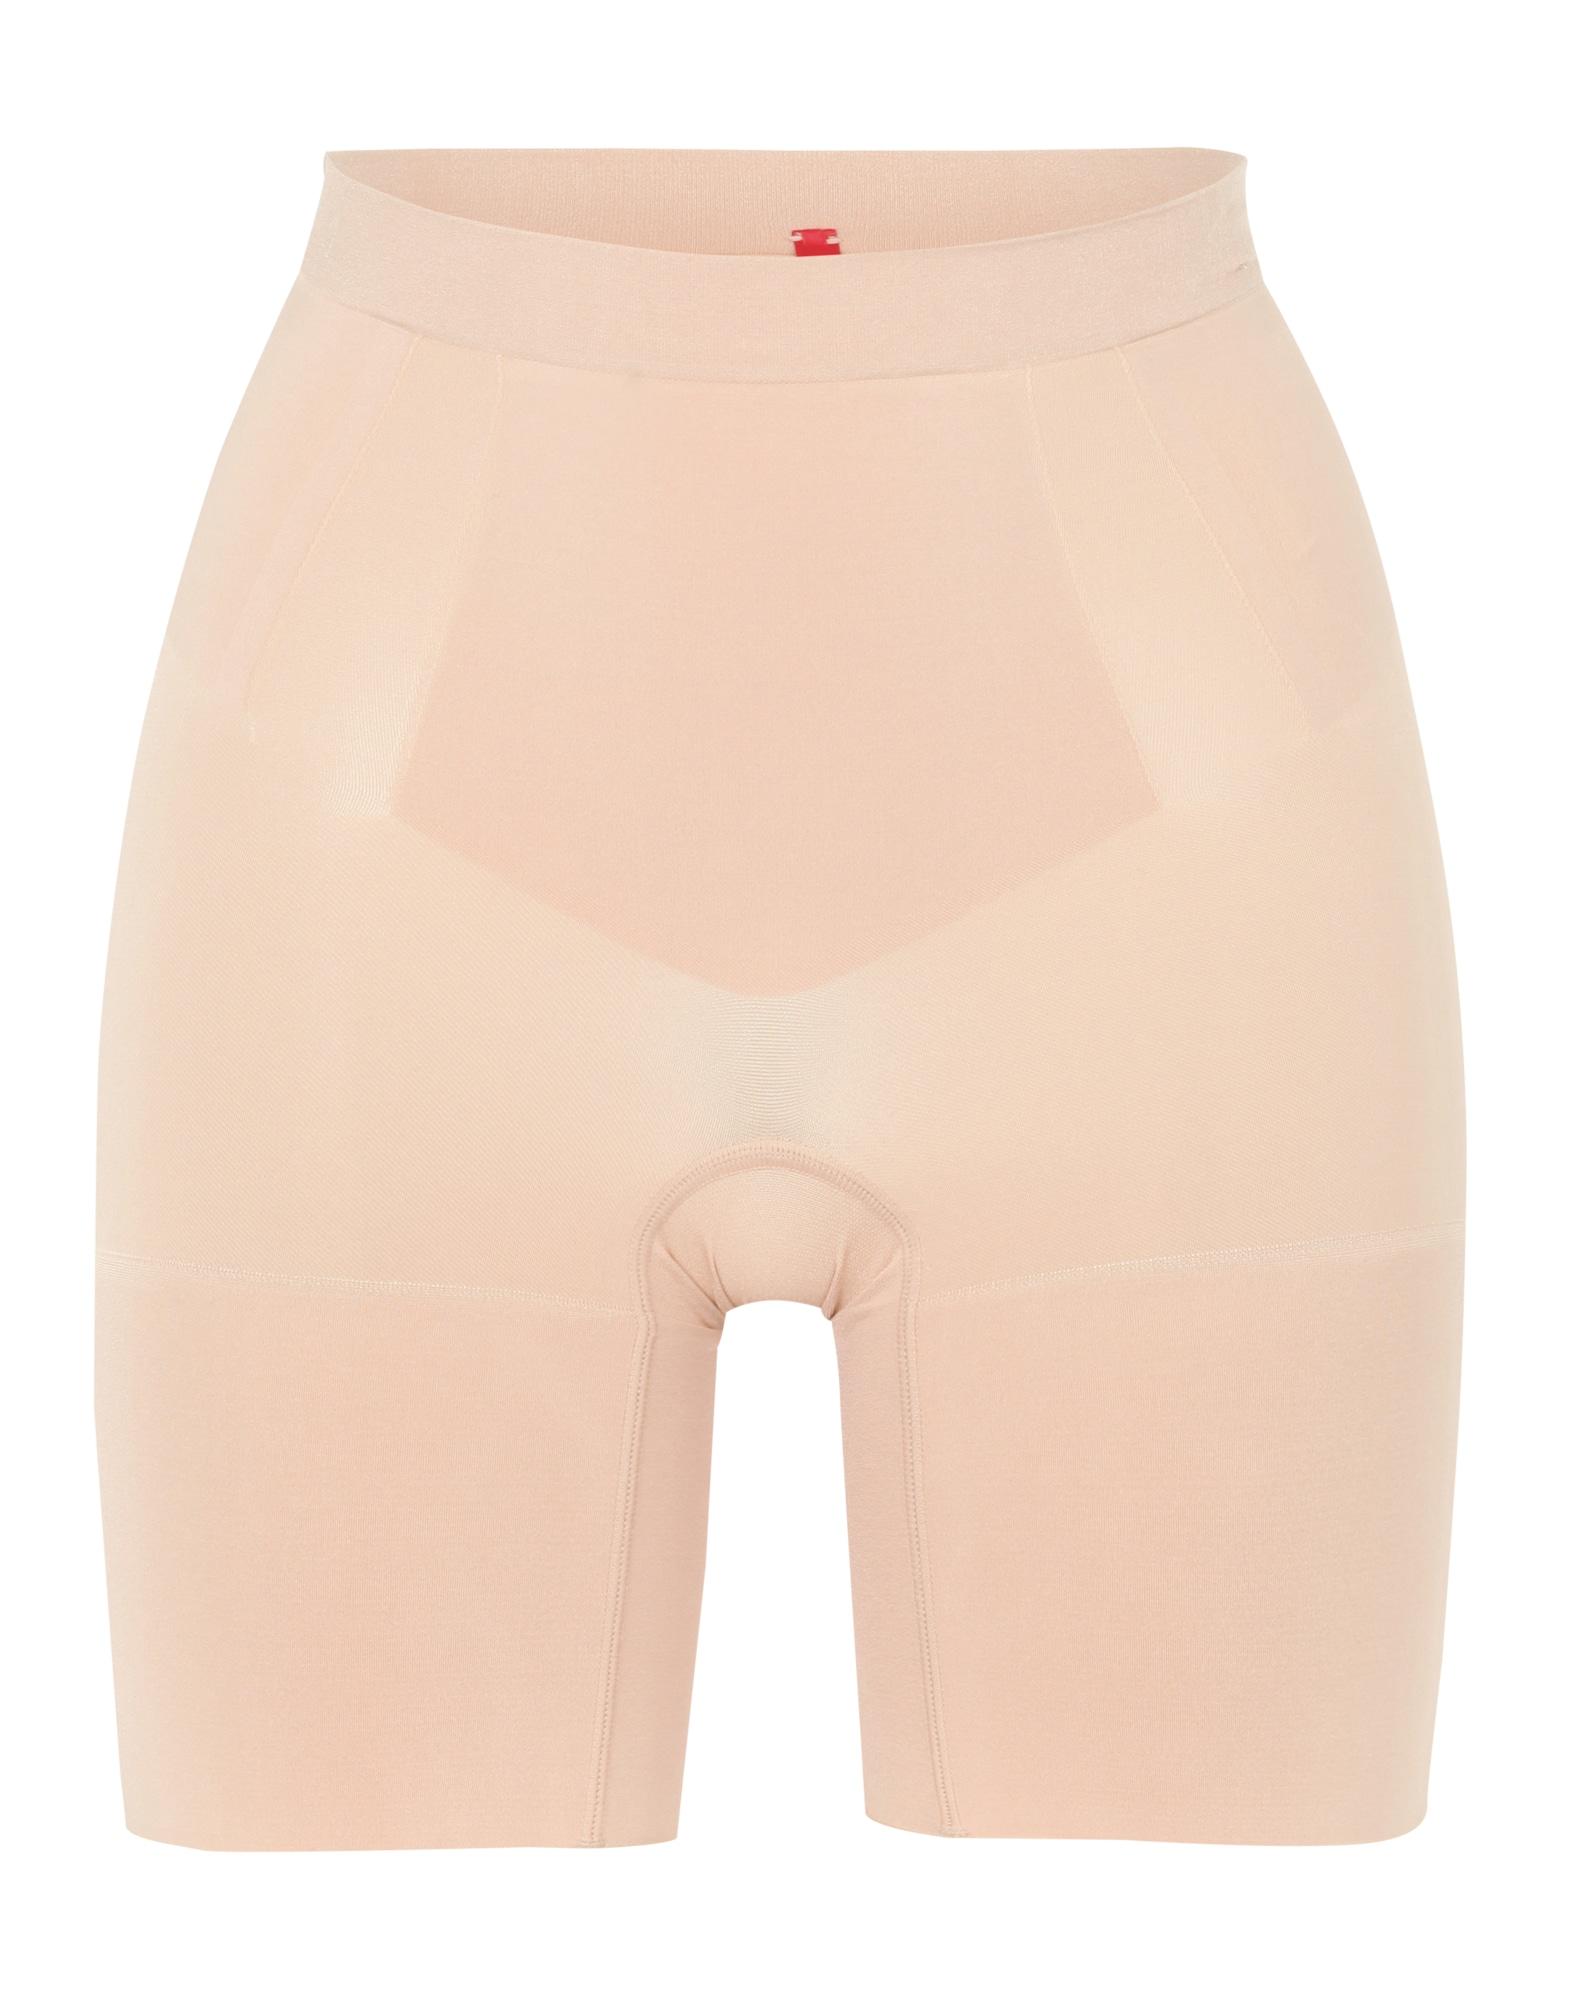 Stahovací kalhotky Oncore Mid-Thigh tělová SPANX